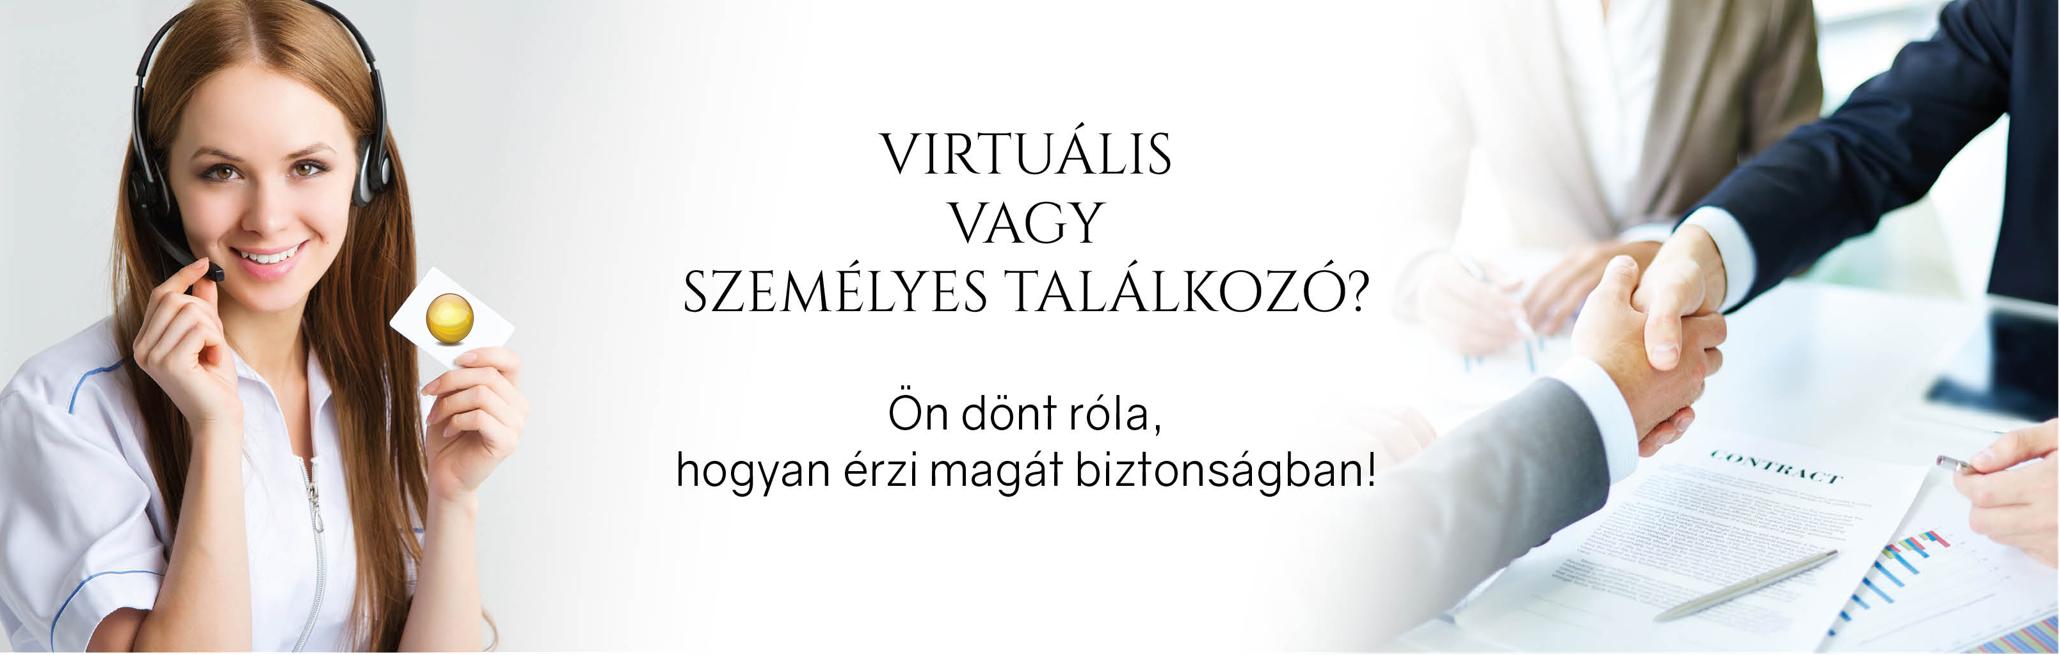 virtualis_vagy_szemelyes_servi